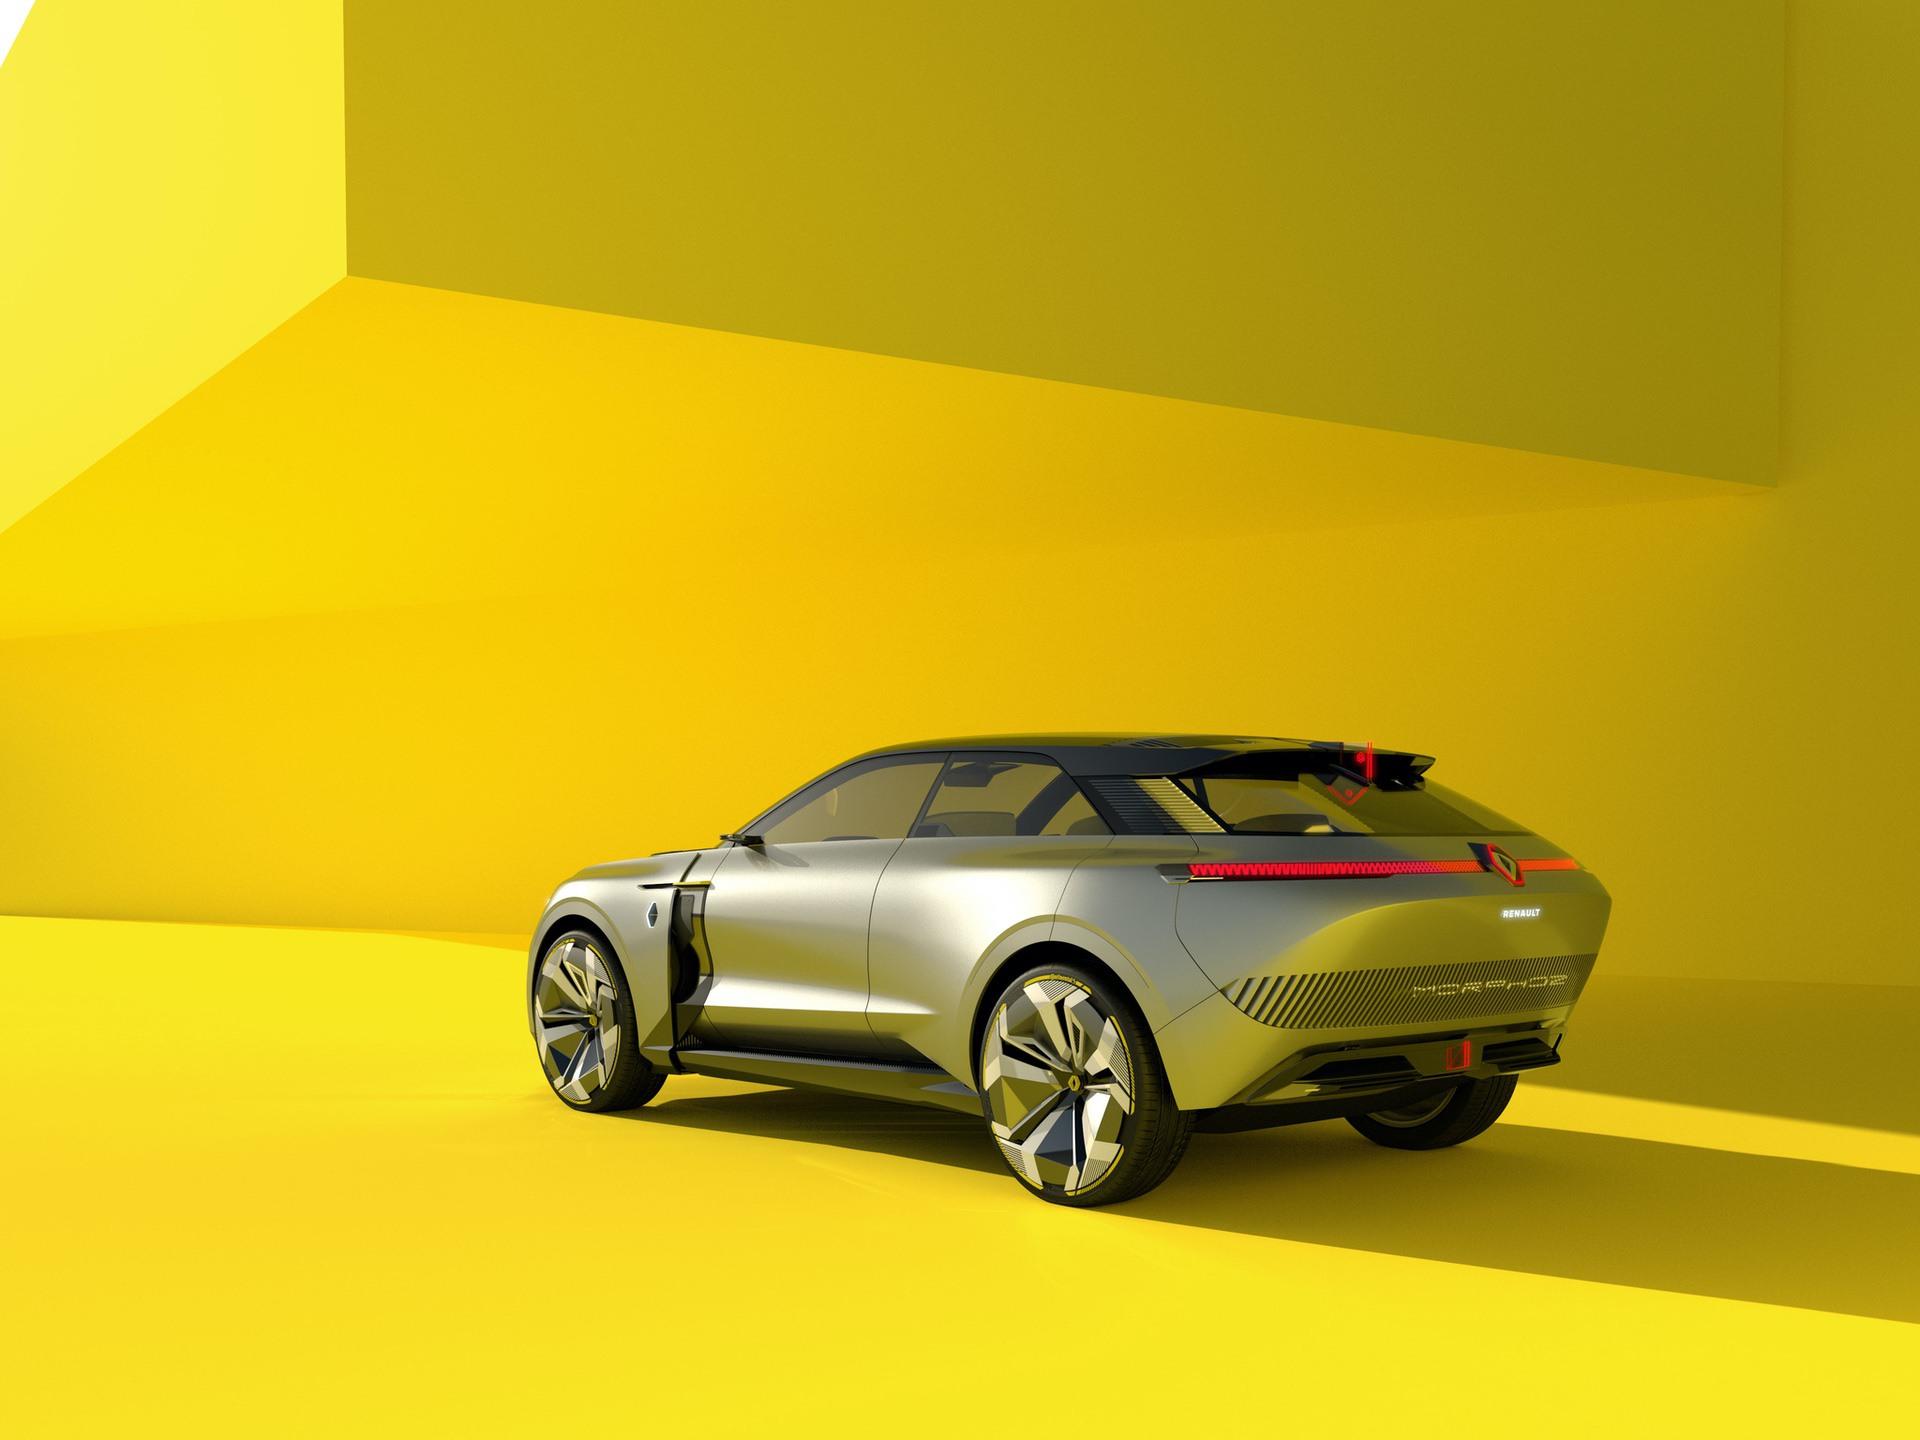 Renault_Morphoz_concept_0005